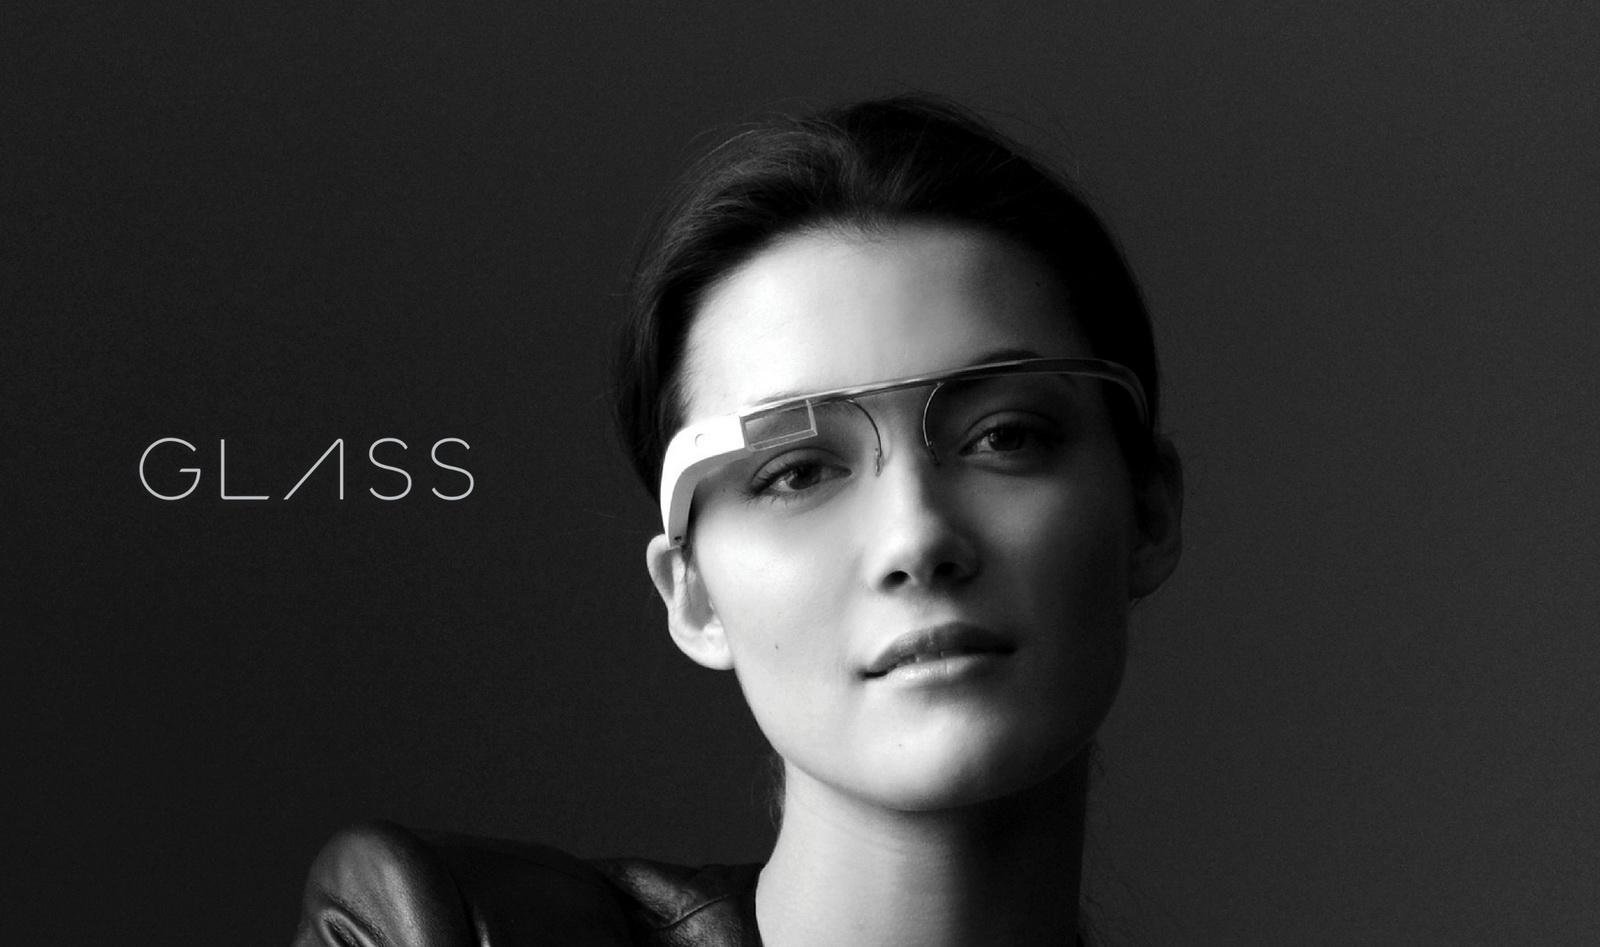 Google-ը ժամանակավորապես դադարեցնում է Google Glass ակնոցի արտադրությունը